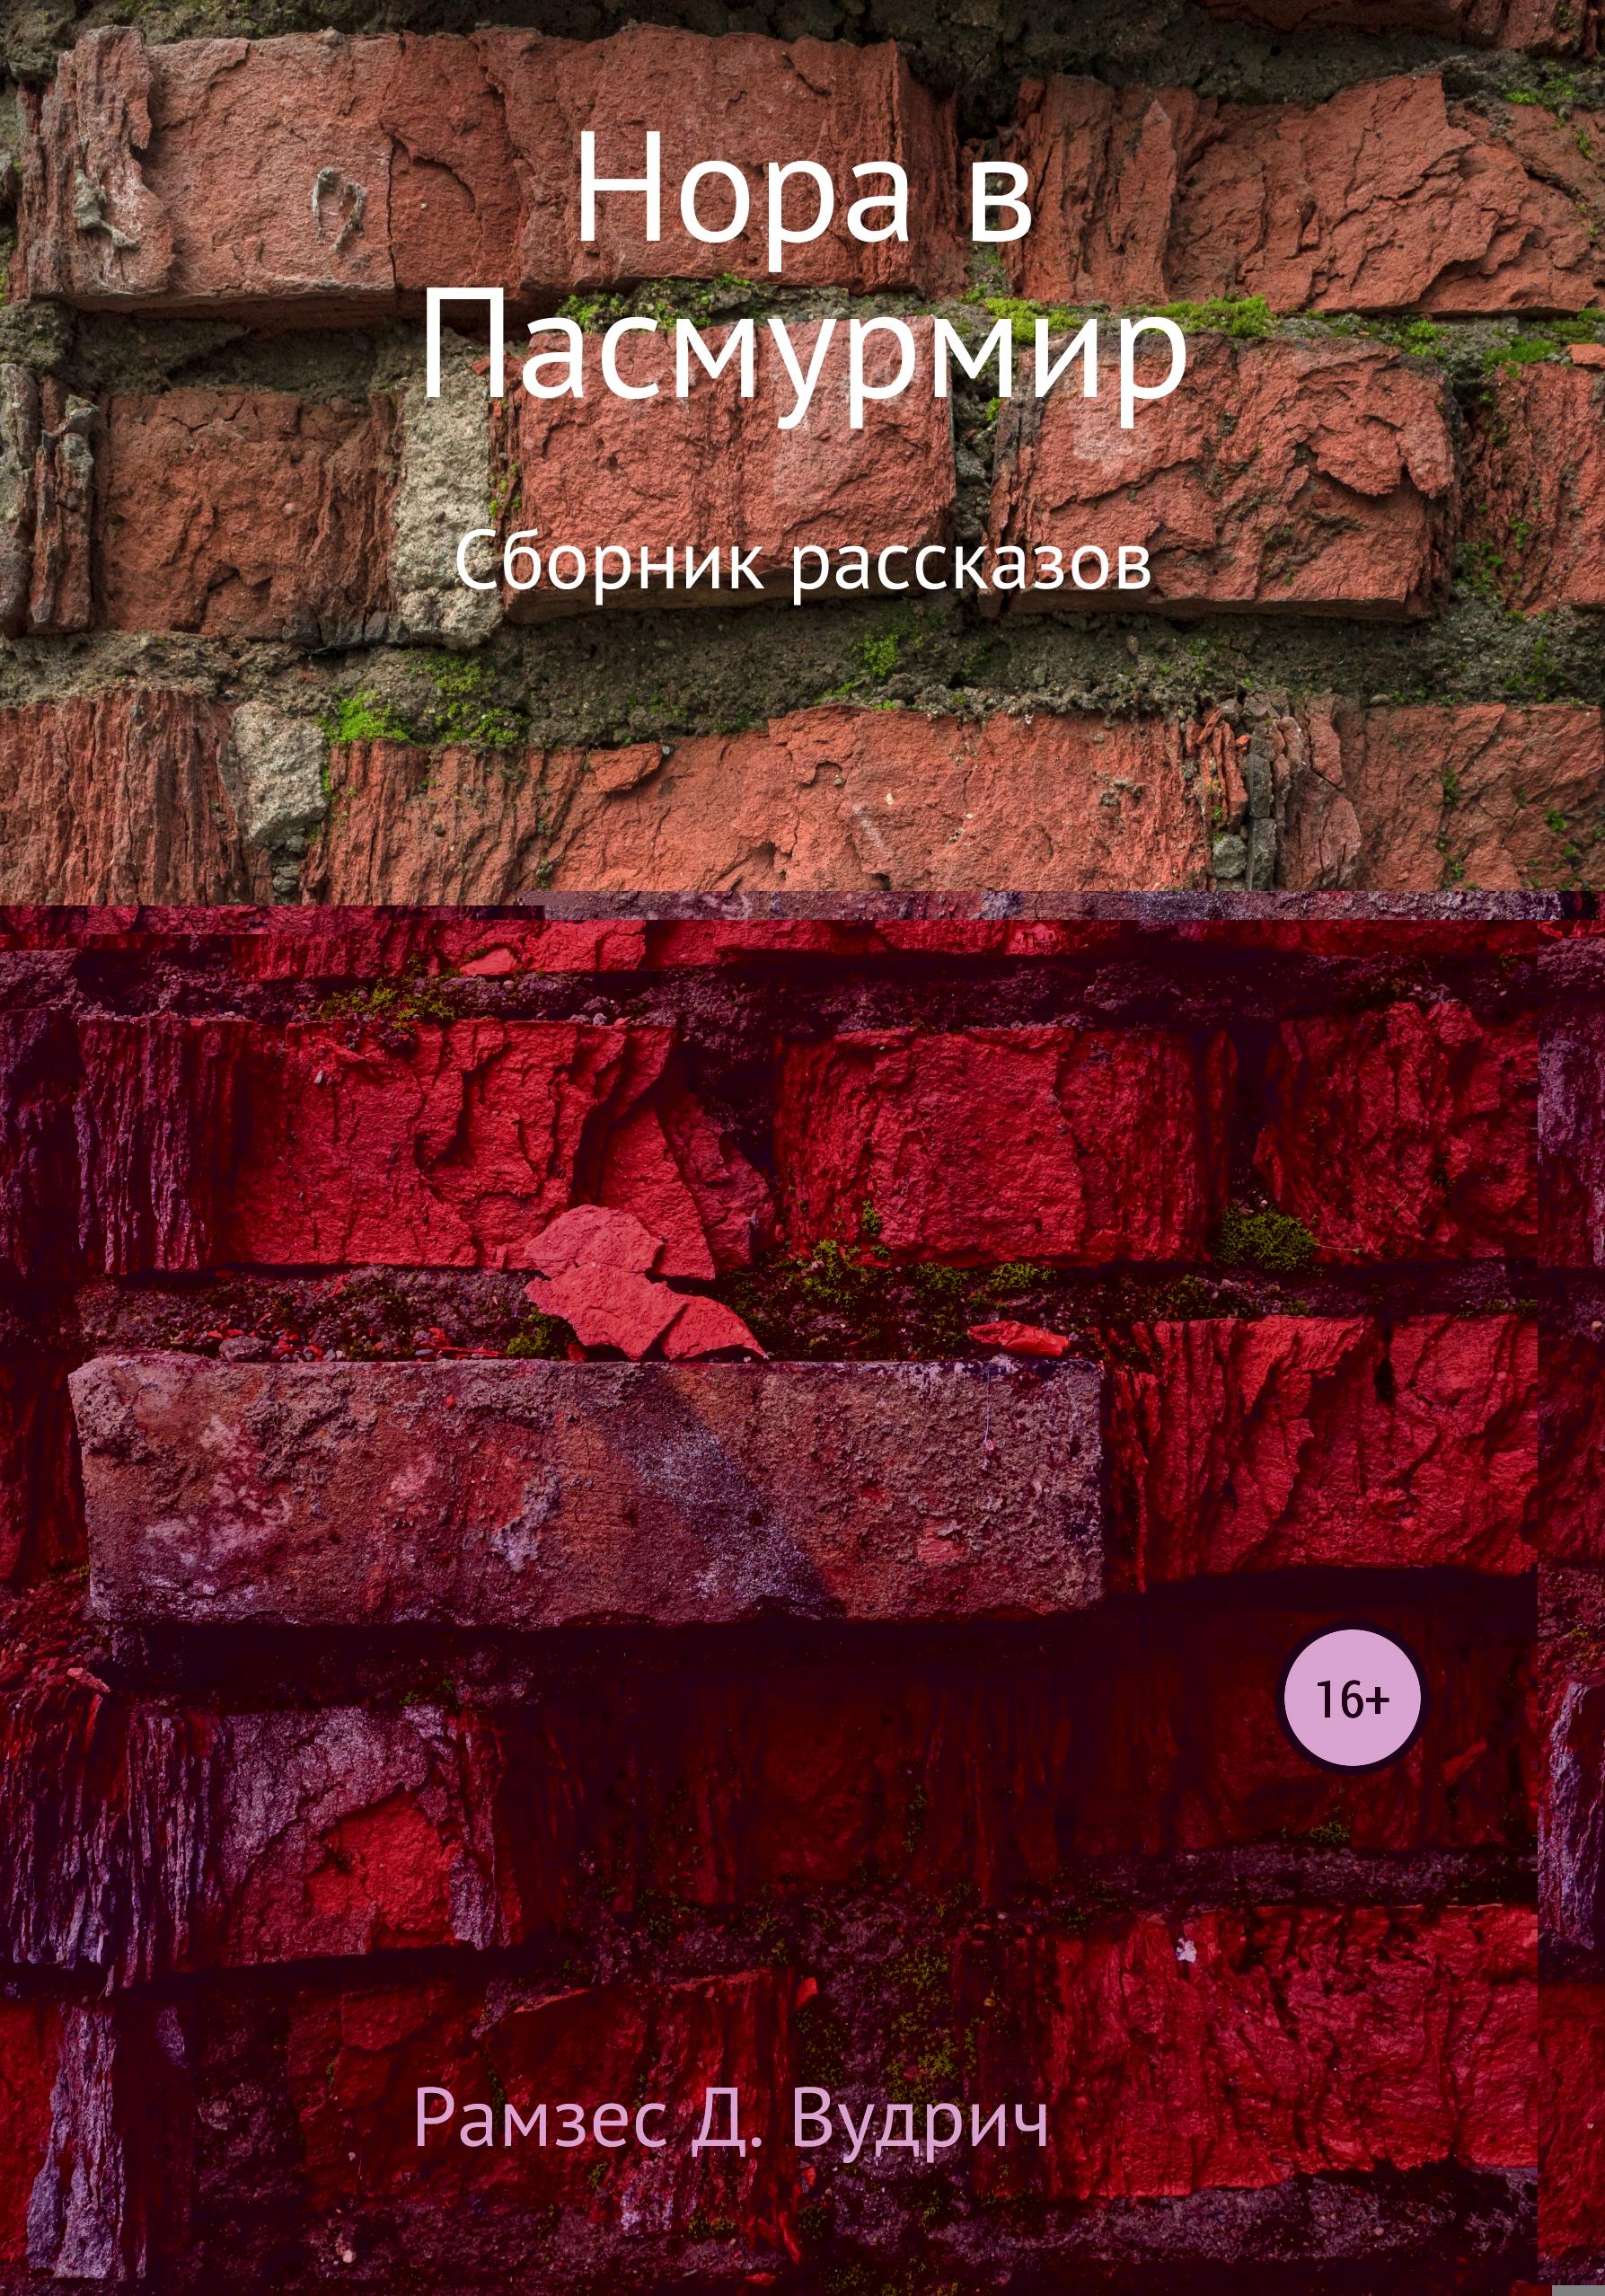 Нора в Пасмурмир. Сборник рассказов